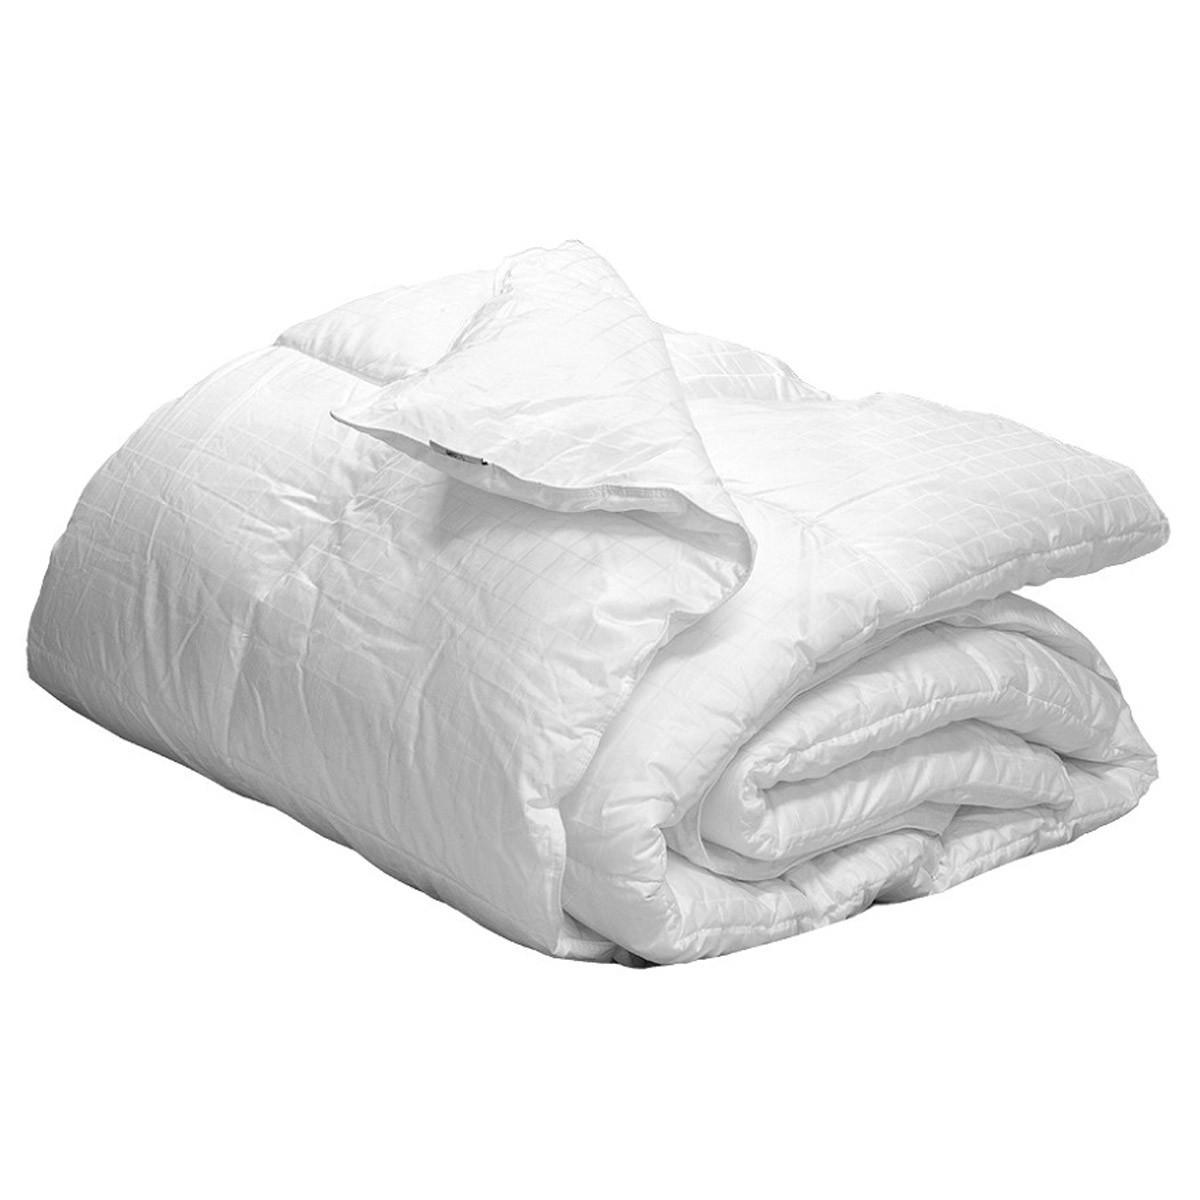 Πάπλωμα Υπέρδιπλο Makis Tselios Saten home   κρεβατοκάμαρα   παπλώματα   παπλώματα λευκά